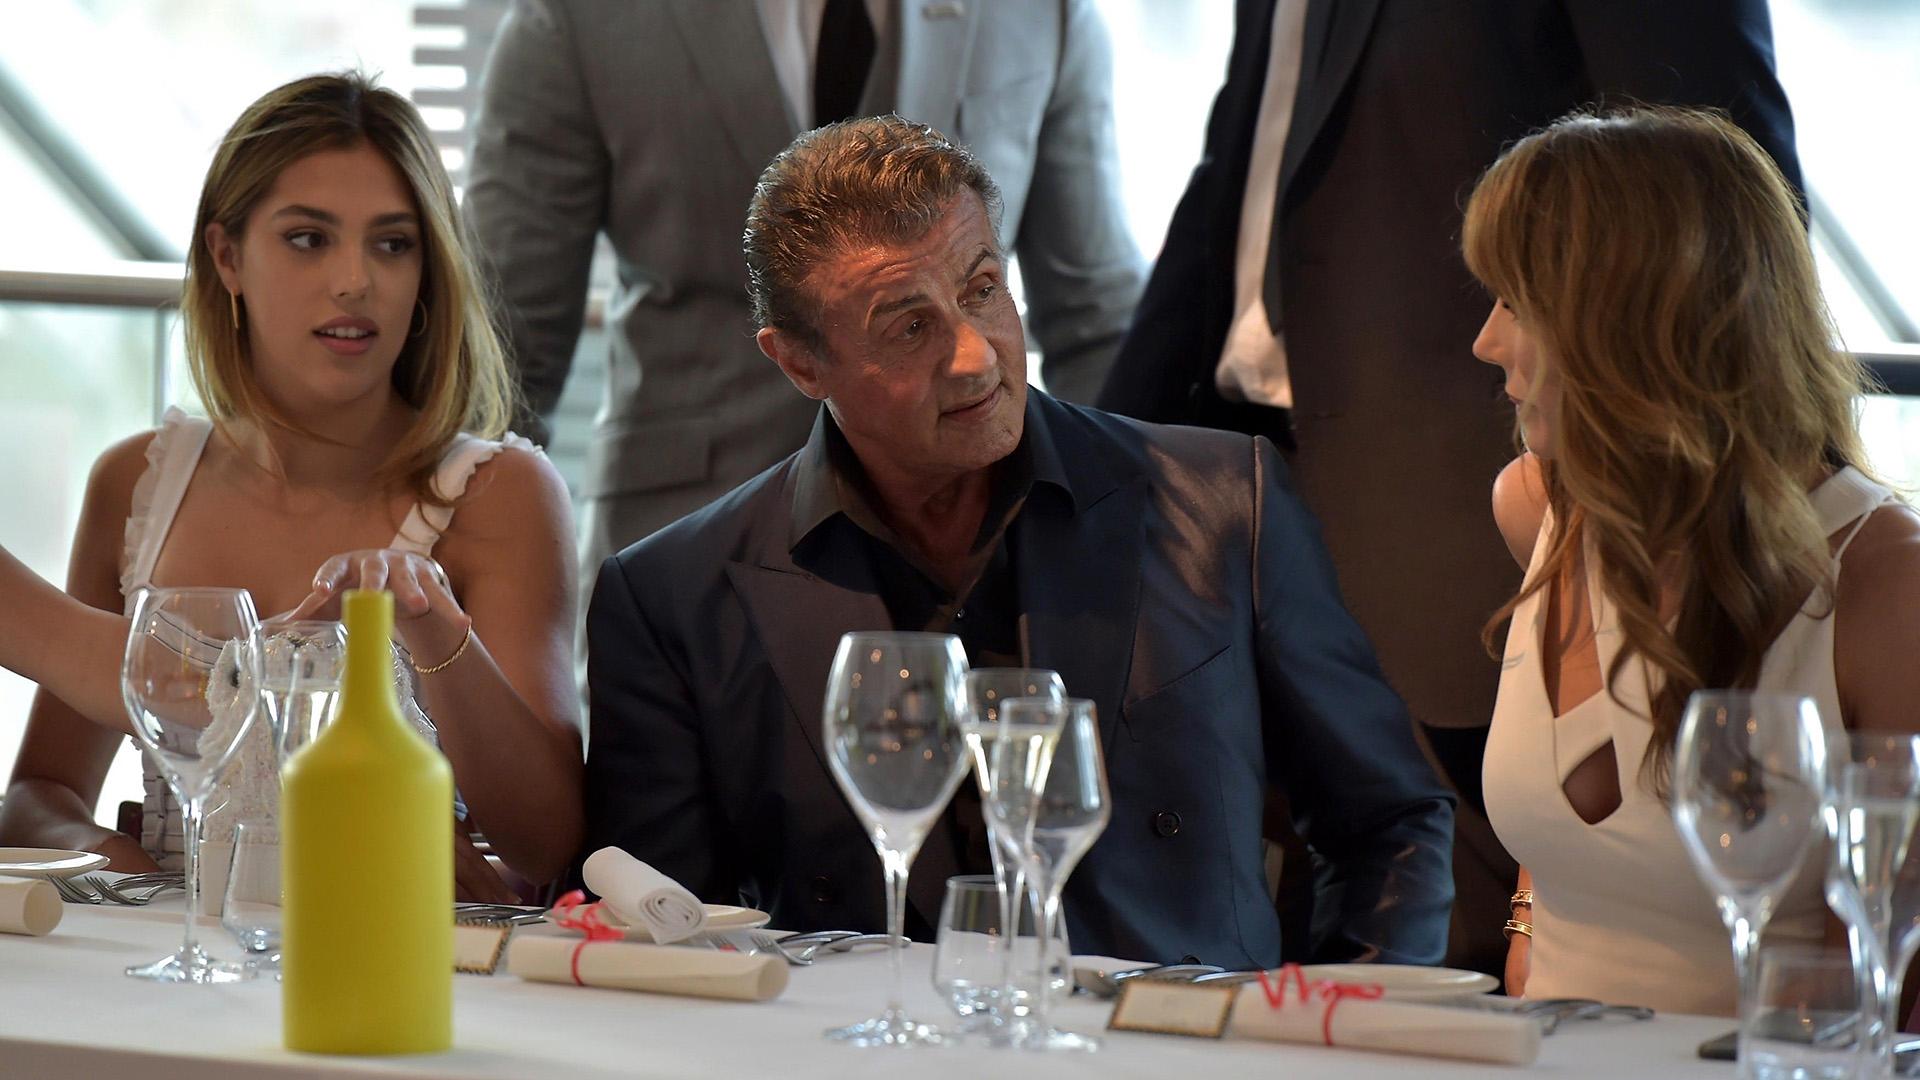 El festejo se realizó en un restaurante italiano en Londres (Grosby Group)